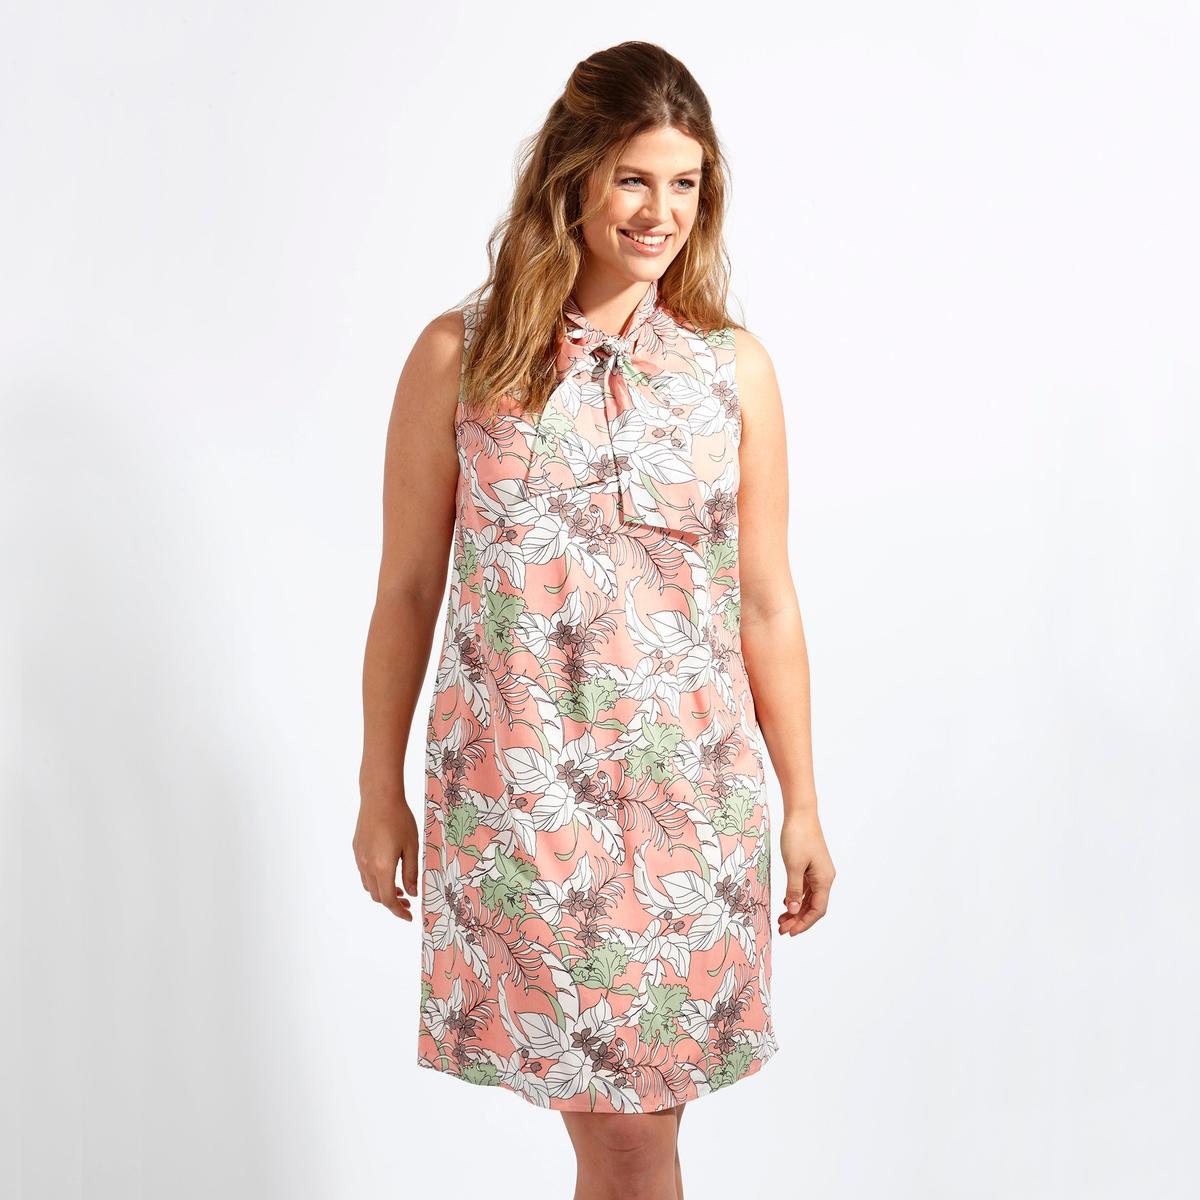 ПлатьеПлатье - KOKO BY KOKO. Симпатичное платье с декольте спереди и вырезом с завязками, идеальное для лета . 100% полиэстер<br><br>Цвет: набивной рисунок<br>Размер: 54/56 (FR) - 60/62 (RUS).44 (FR) - 50 (RUS).48 (FR) - 54 (RUS)